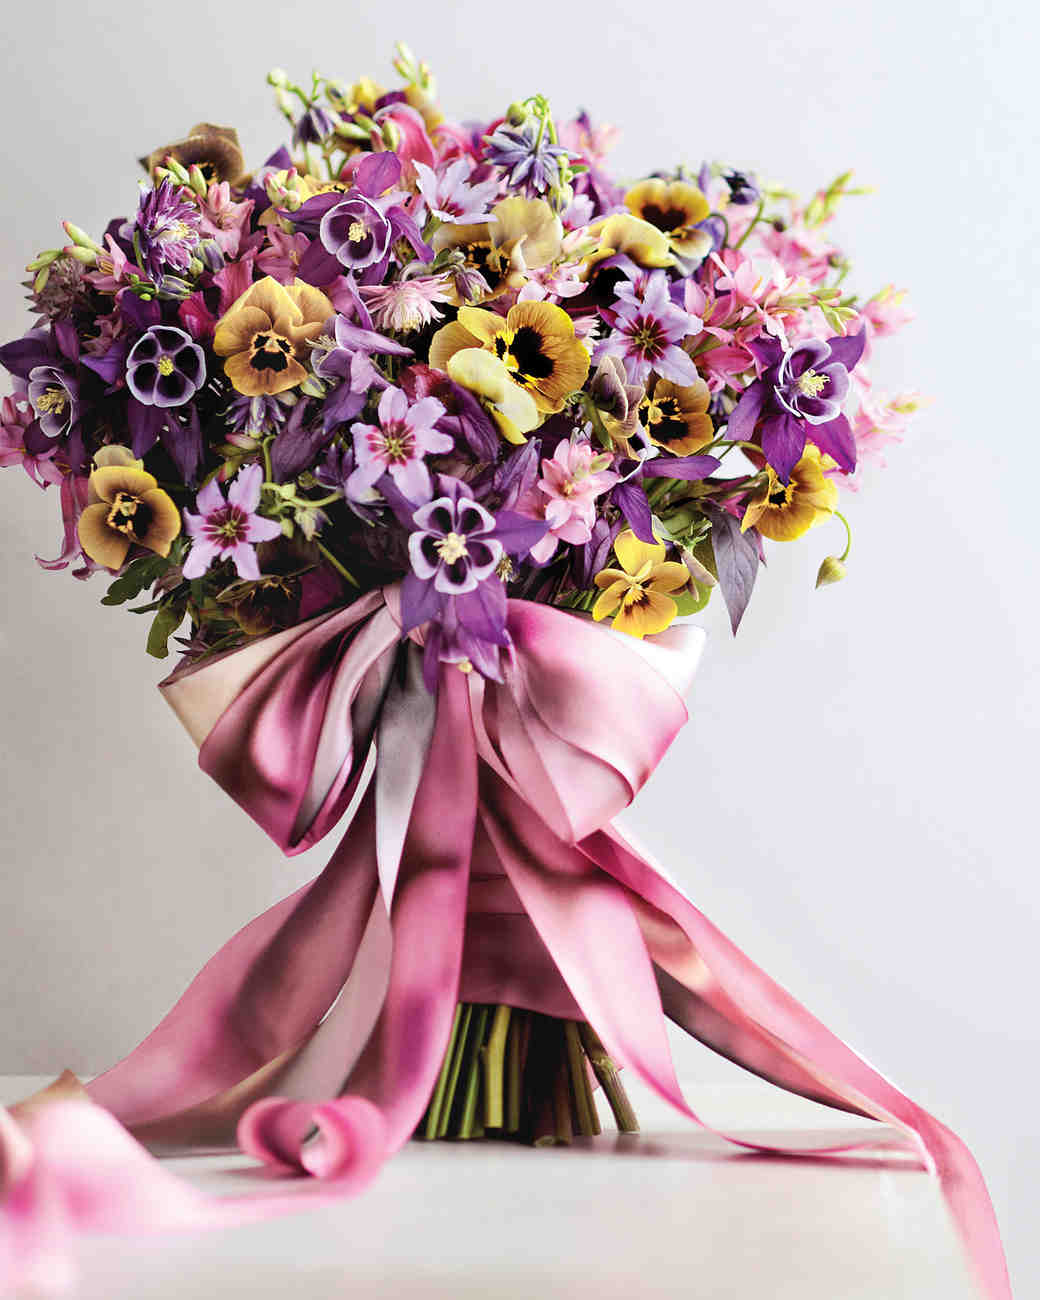 Wedding Flower Ideas for Every Style of Bride | Martha Stewart Weddings